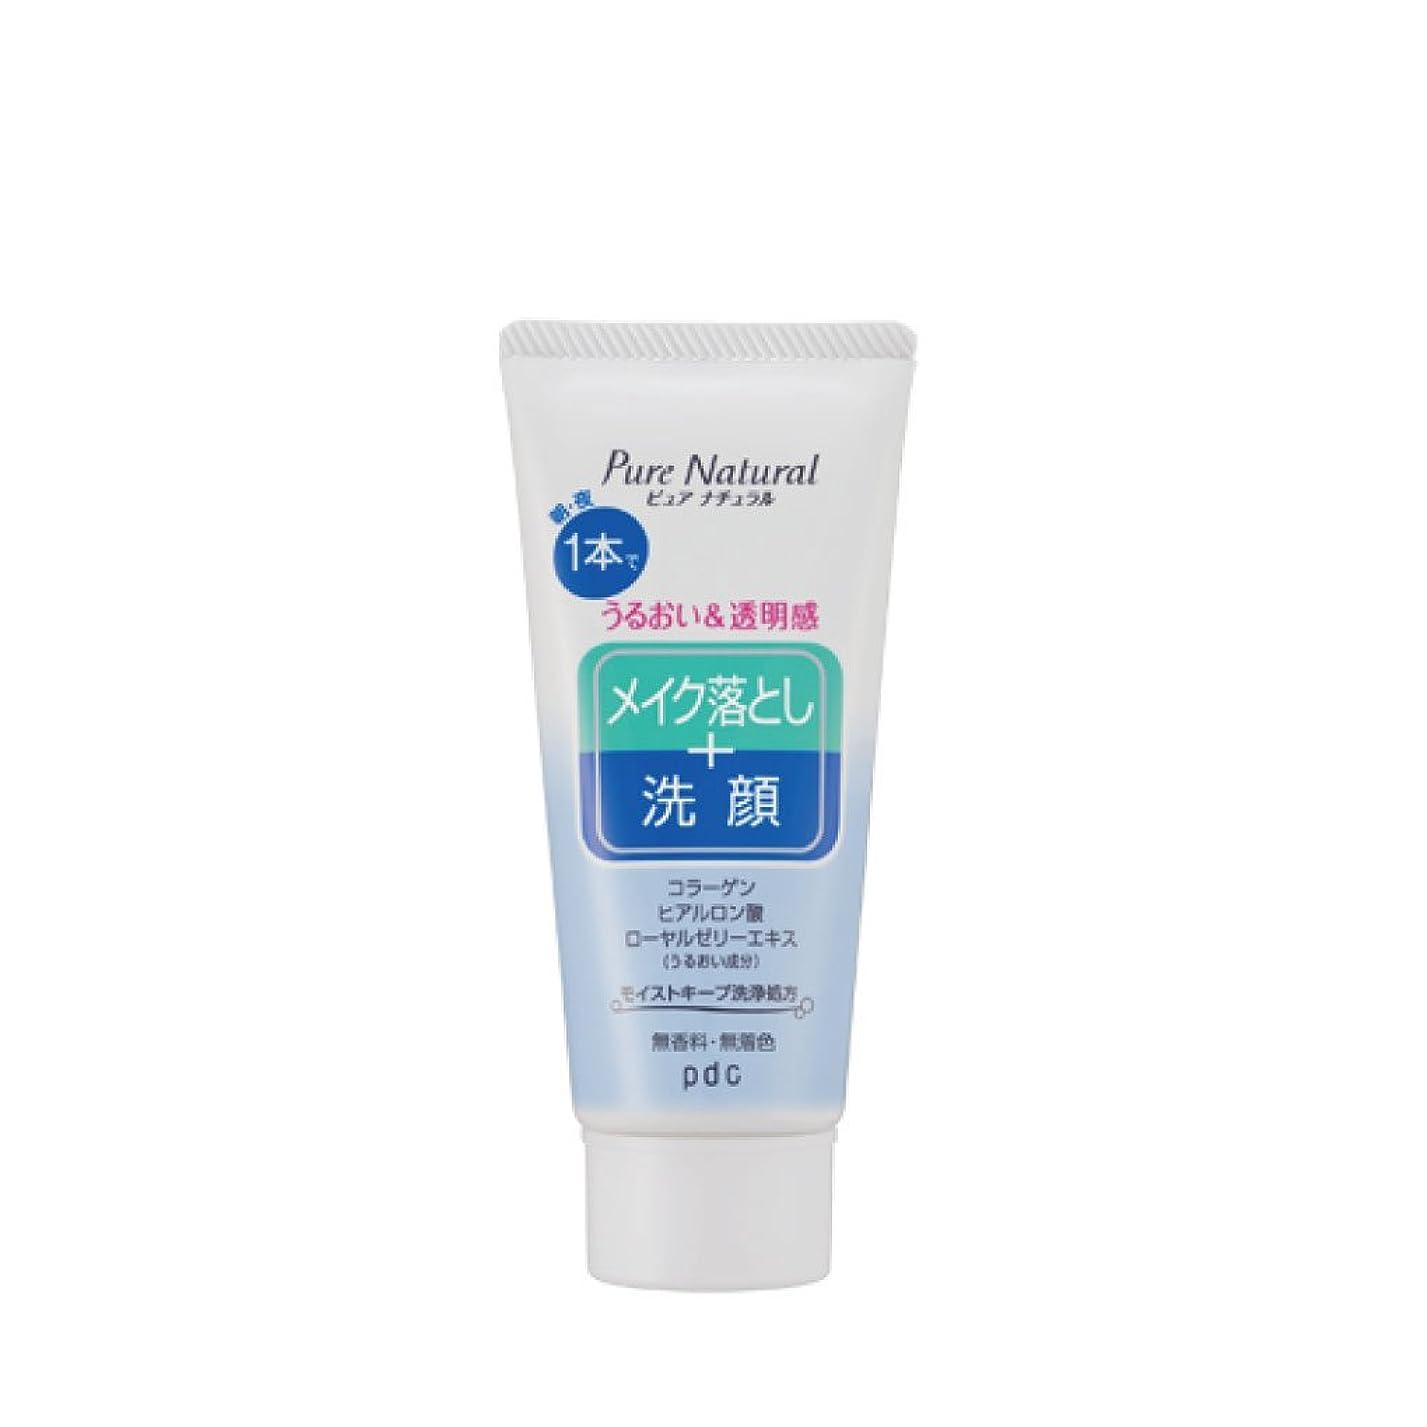 カタログ展望台不規則なPure NATURAL(ピュアナチュラル) クレンジング洗顔 (ミニサイズ) 70g